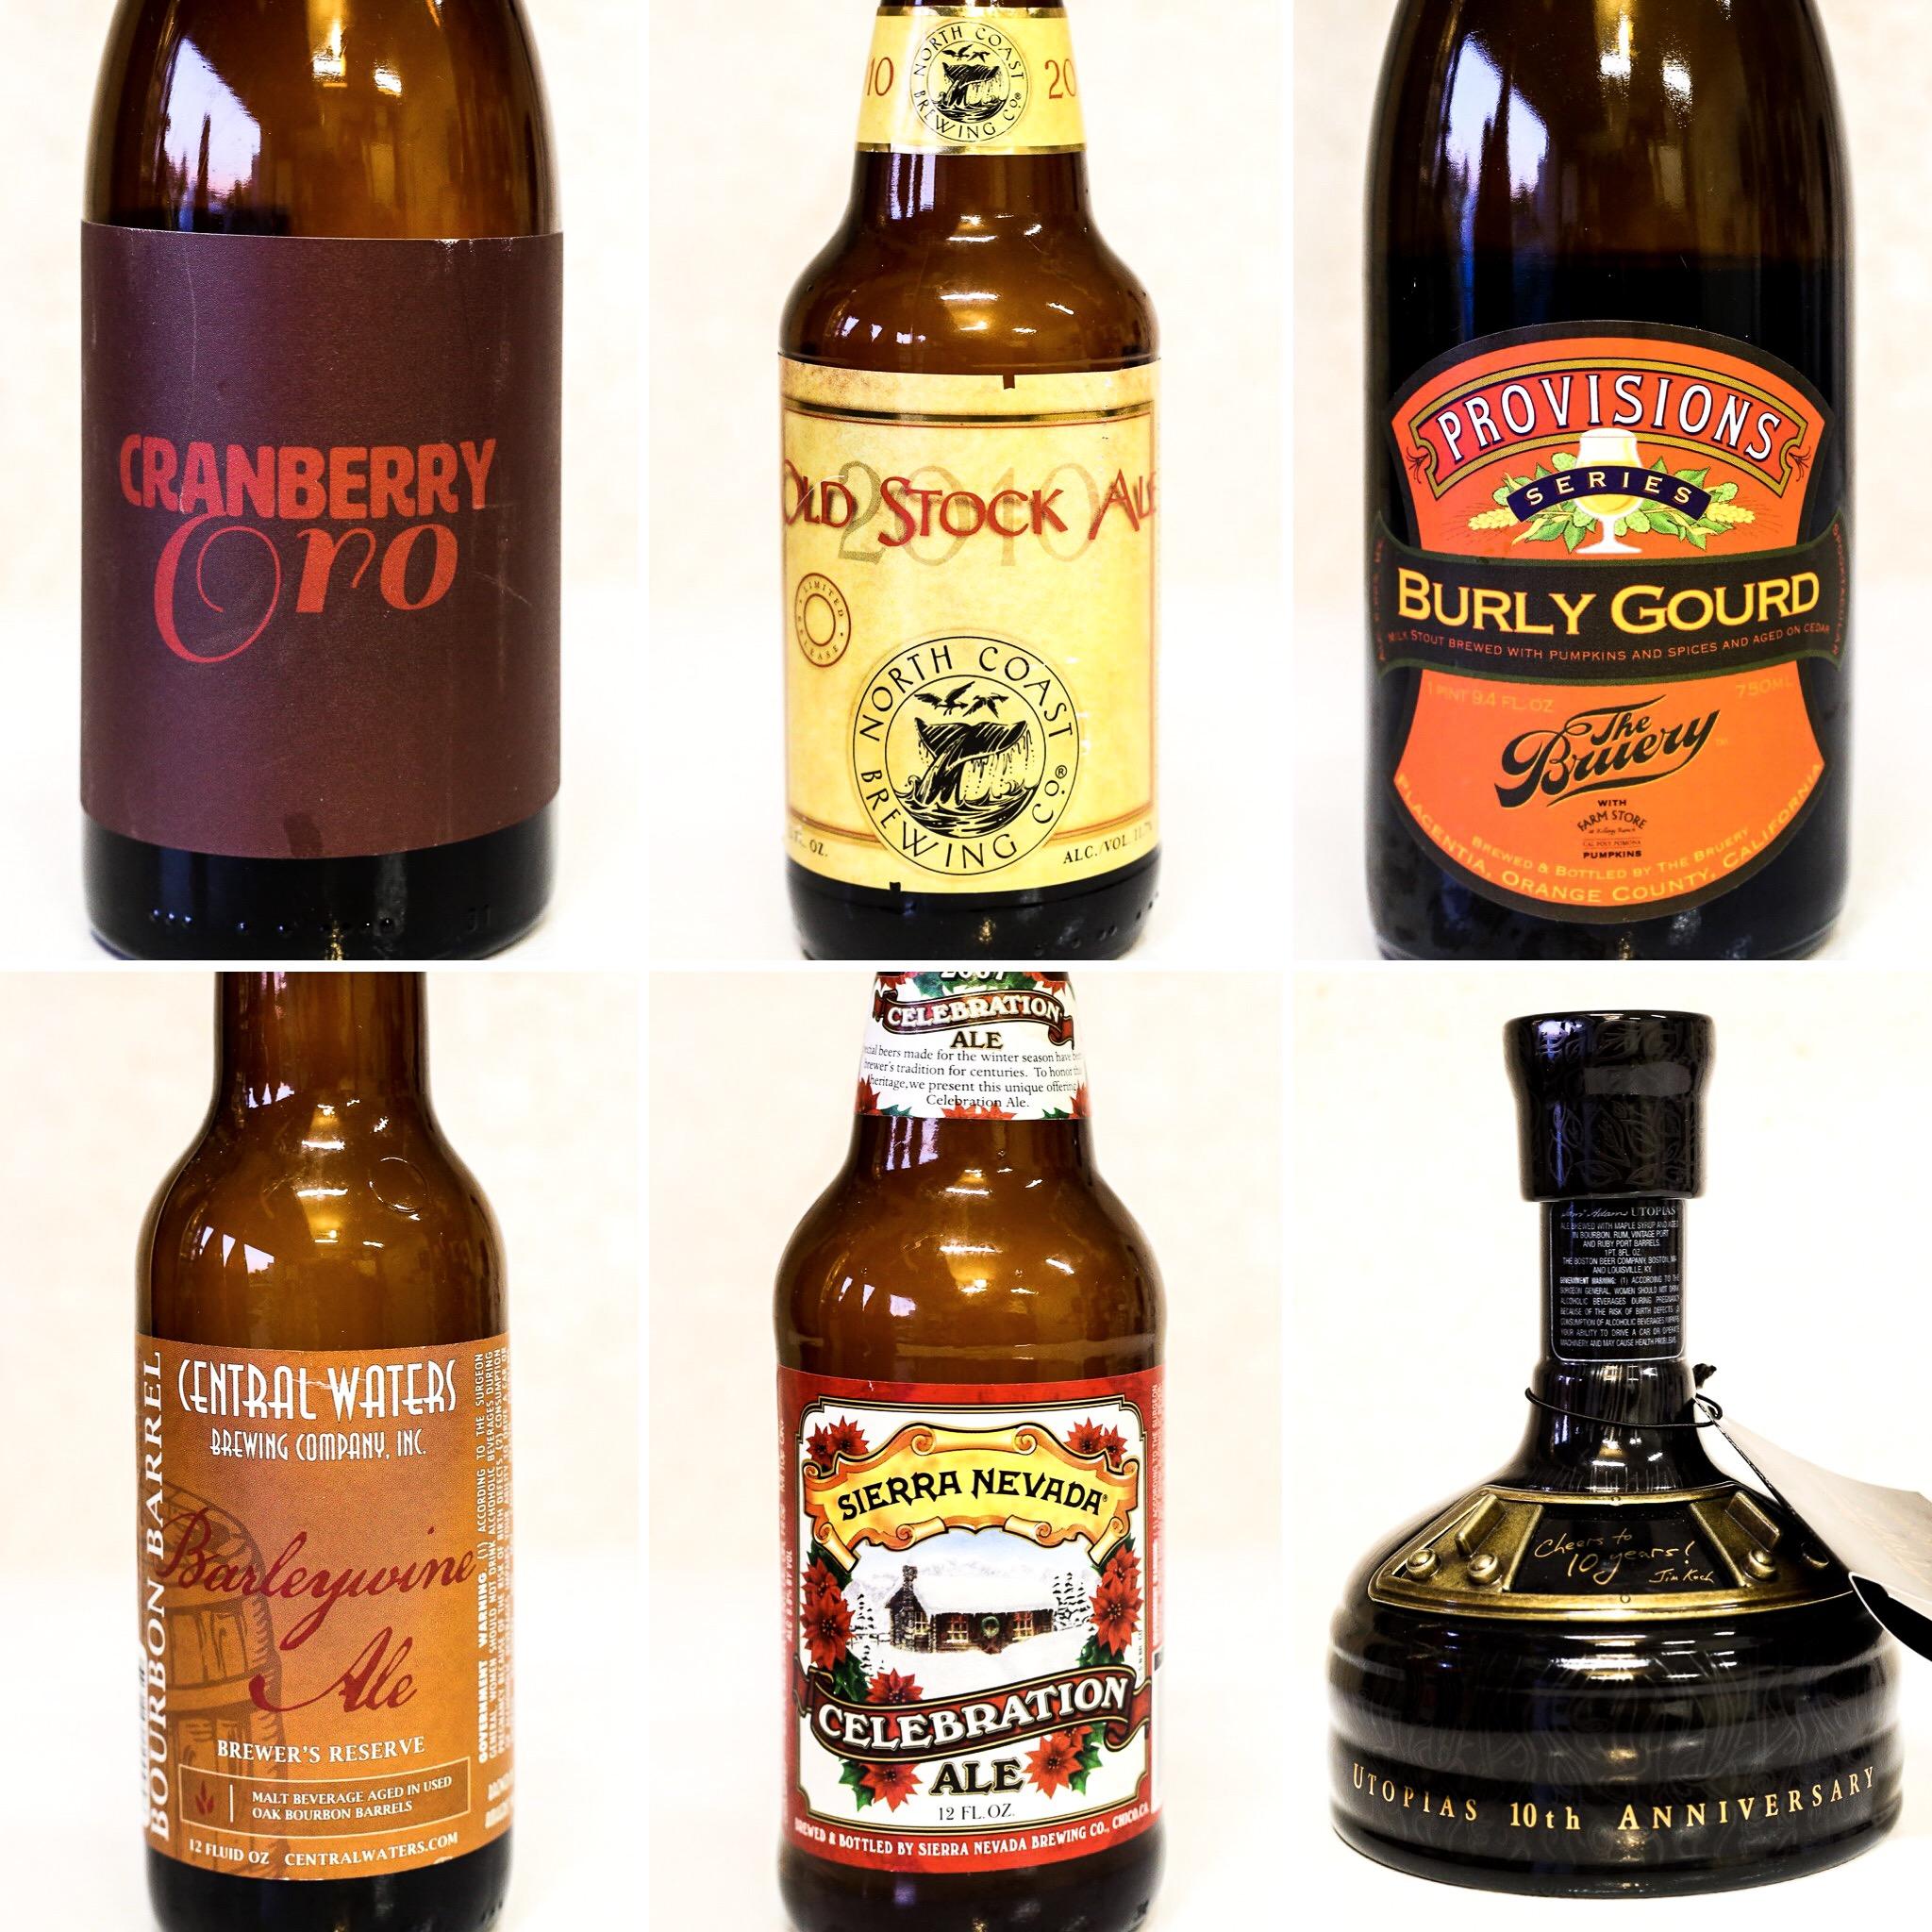 Cellar Beers